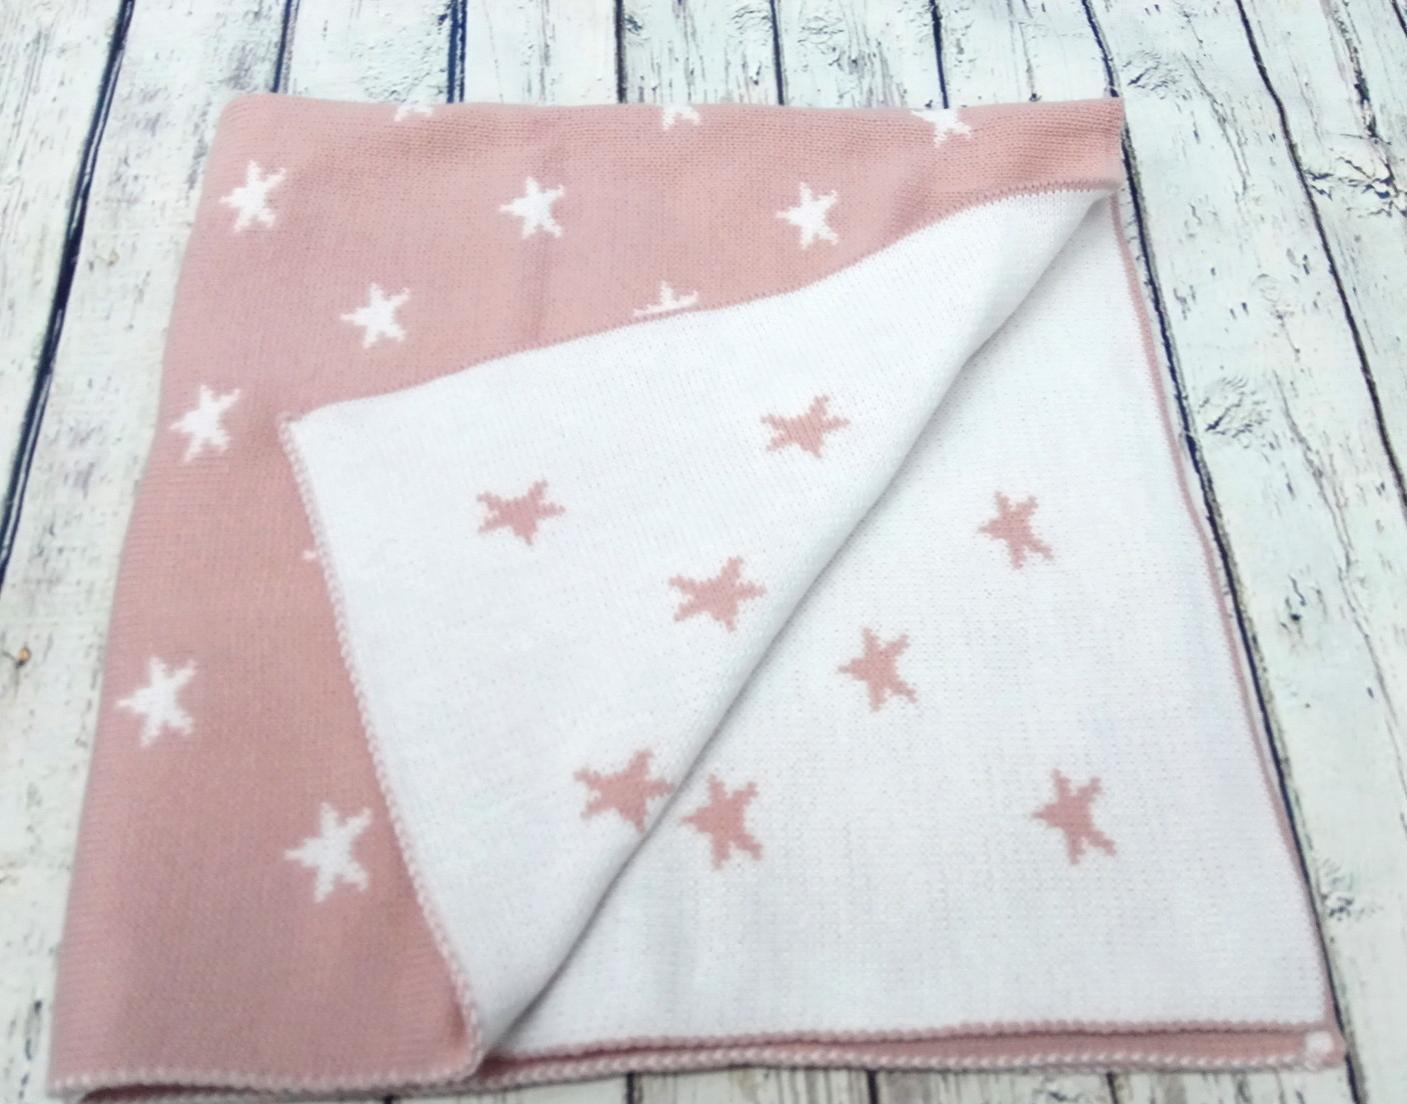 Toquilla Estrellas en rosa palo de Pipos, reversible.